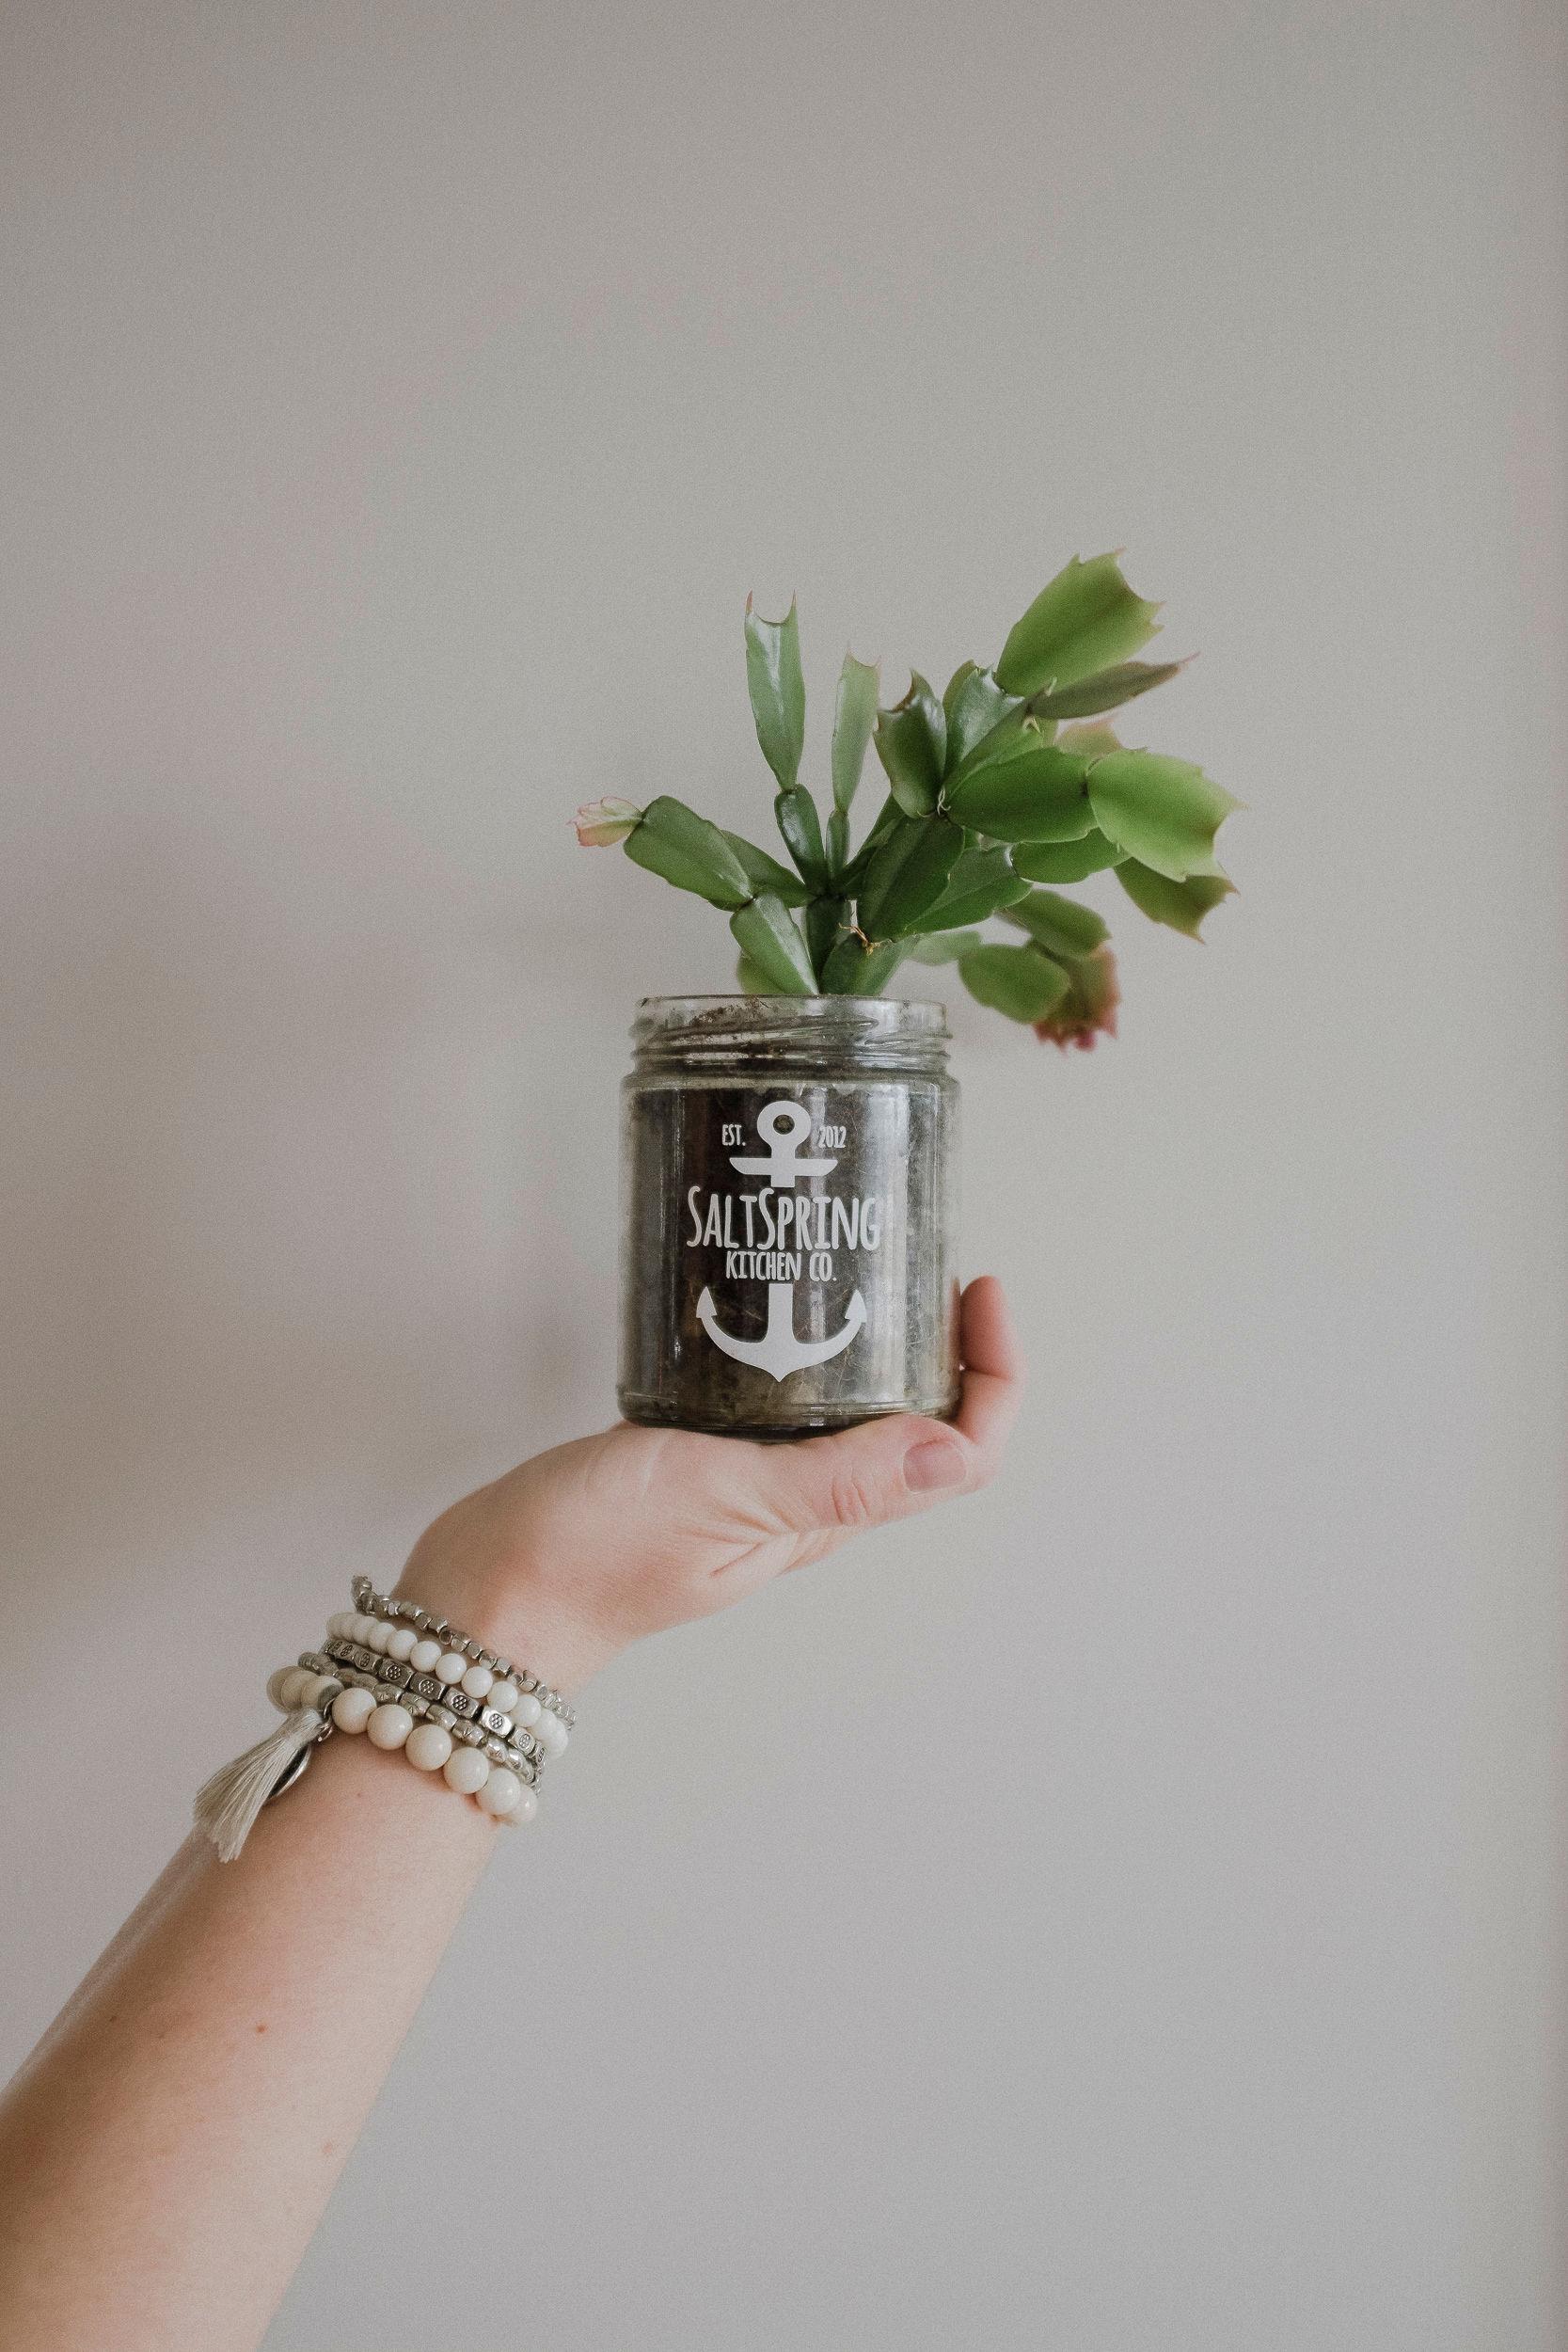 Karmen re-purposes a  Salt Spring Kitchen Co.  Jar as a planter pot.